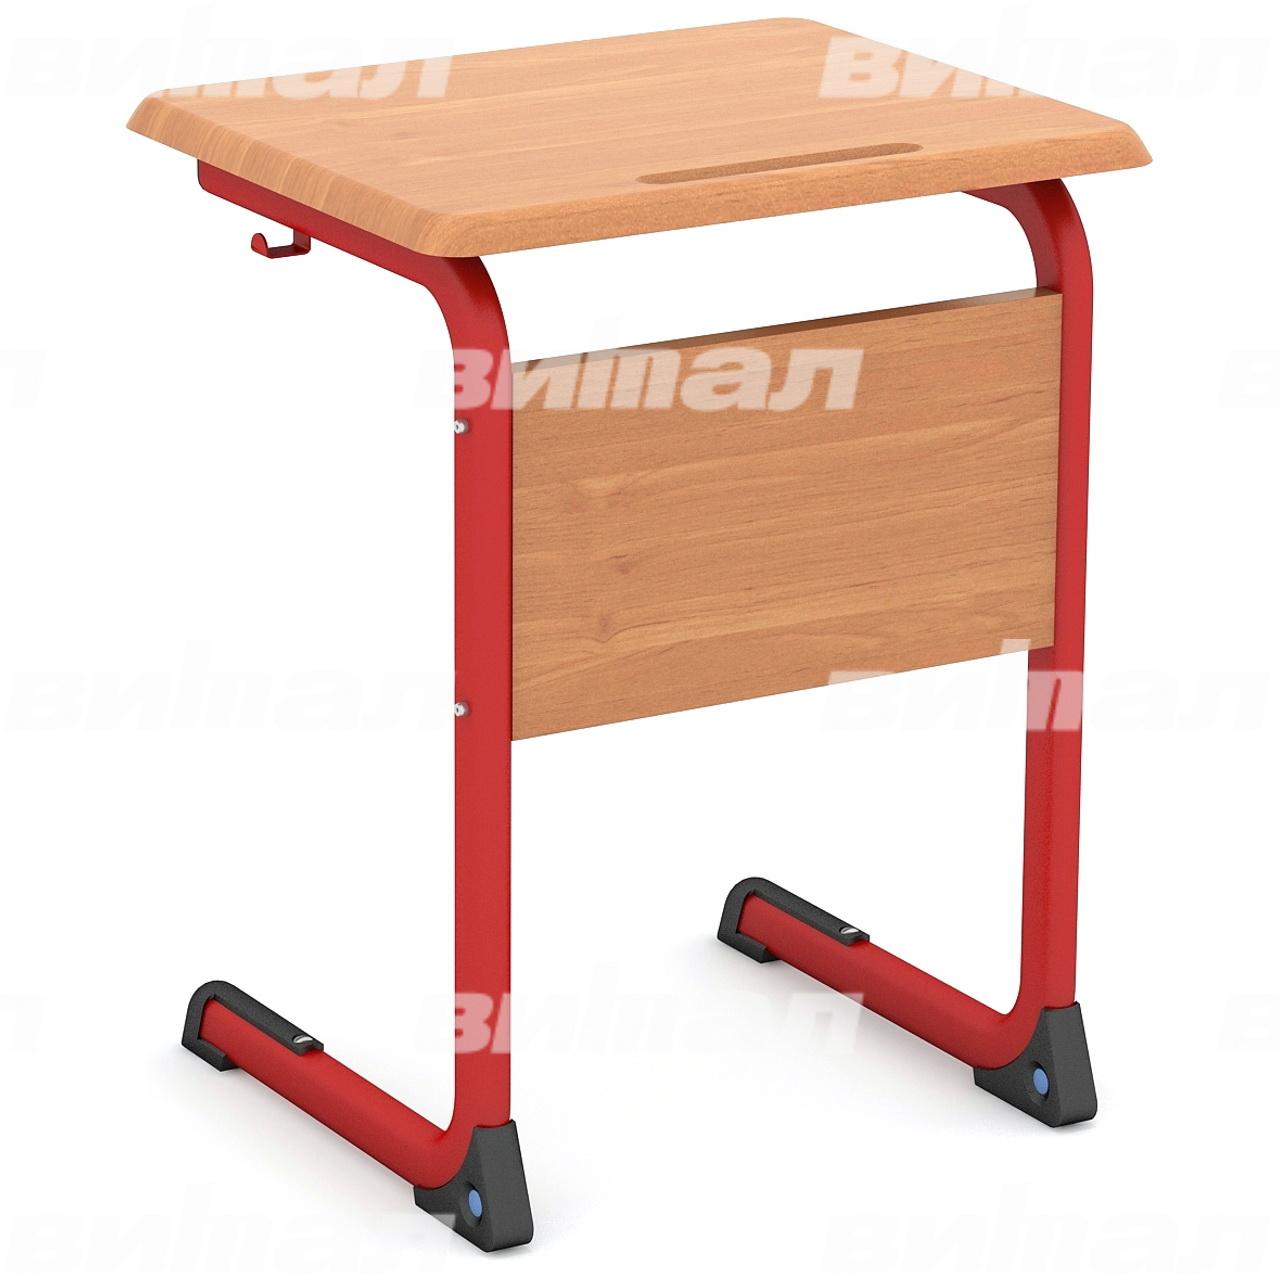 Стол ученический 1-местный нерегулируемый (гр. 3, 4, 5 или 6) МДФ красный Бук 4 МДФ плоскоовальная